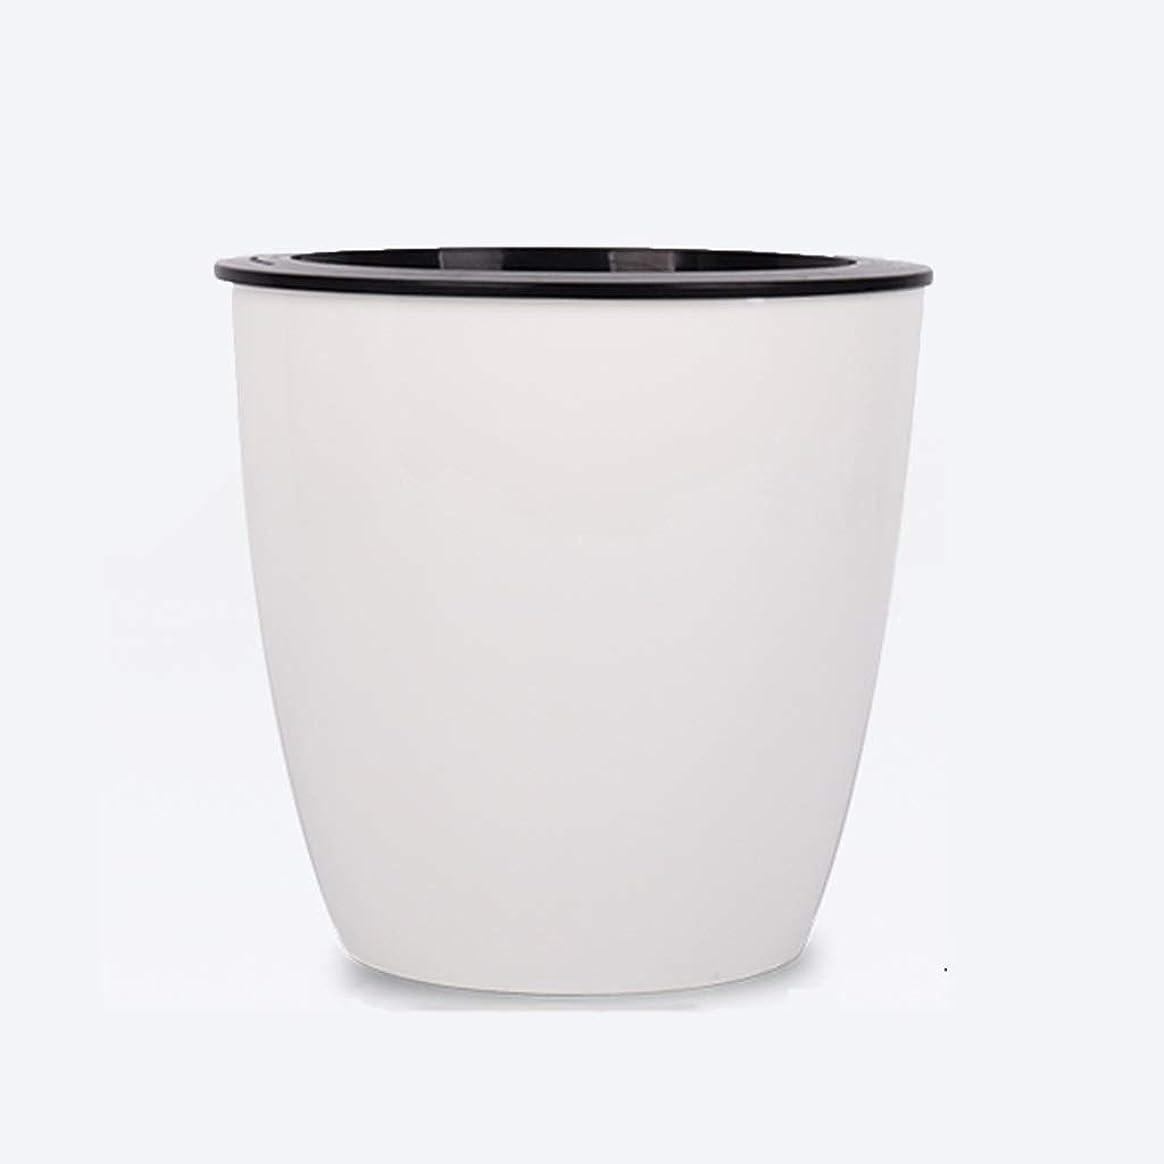 低下記念品補助二重層の植木鉢、白いプラスチック緑の植物の鉢植えの植物の世帯の自動吸水の花の容器 (Color : White, Size : 11*11*10.5CM)